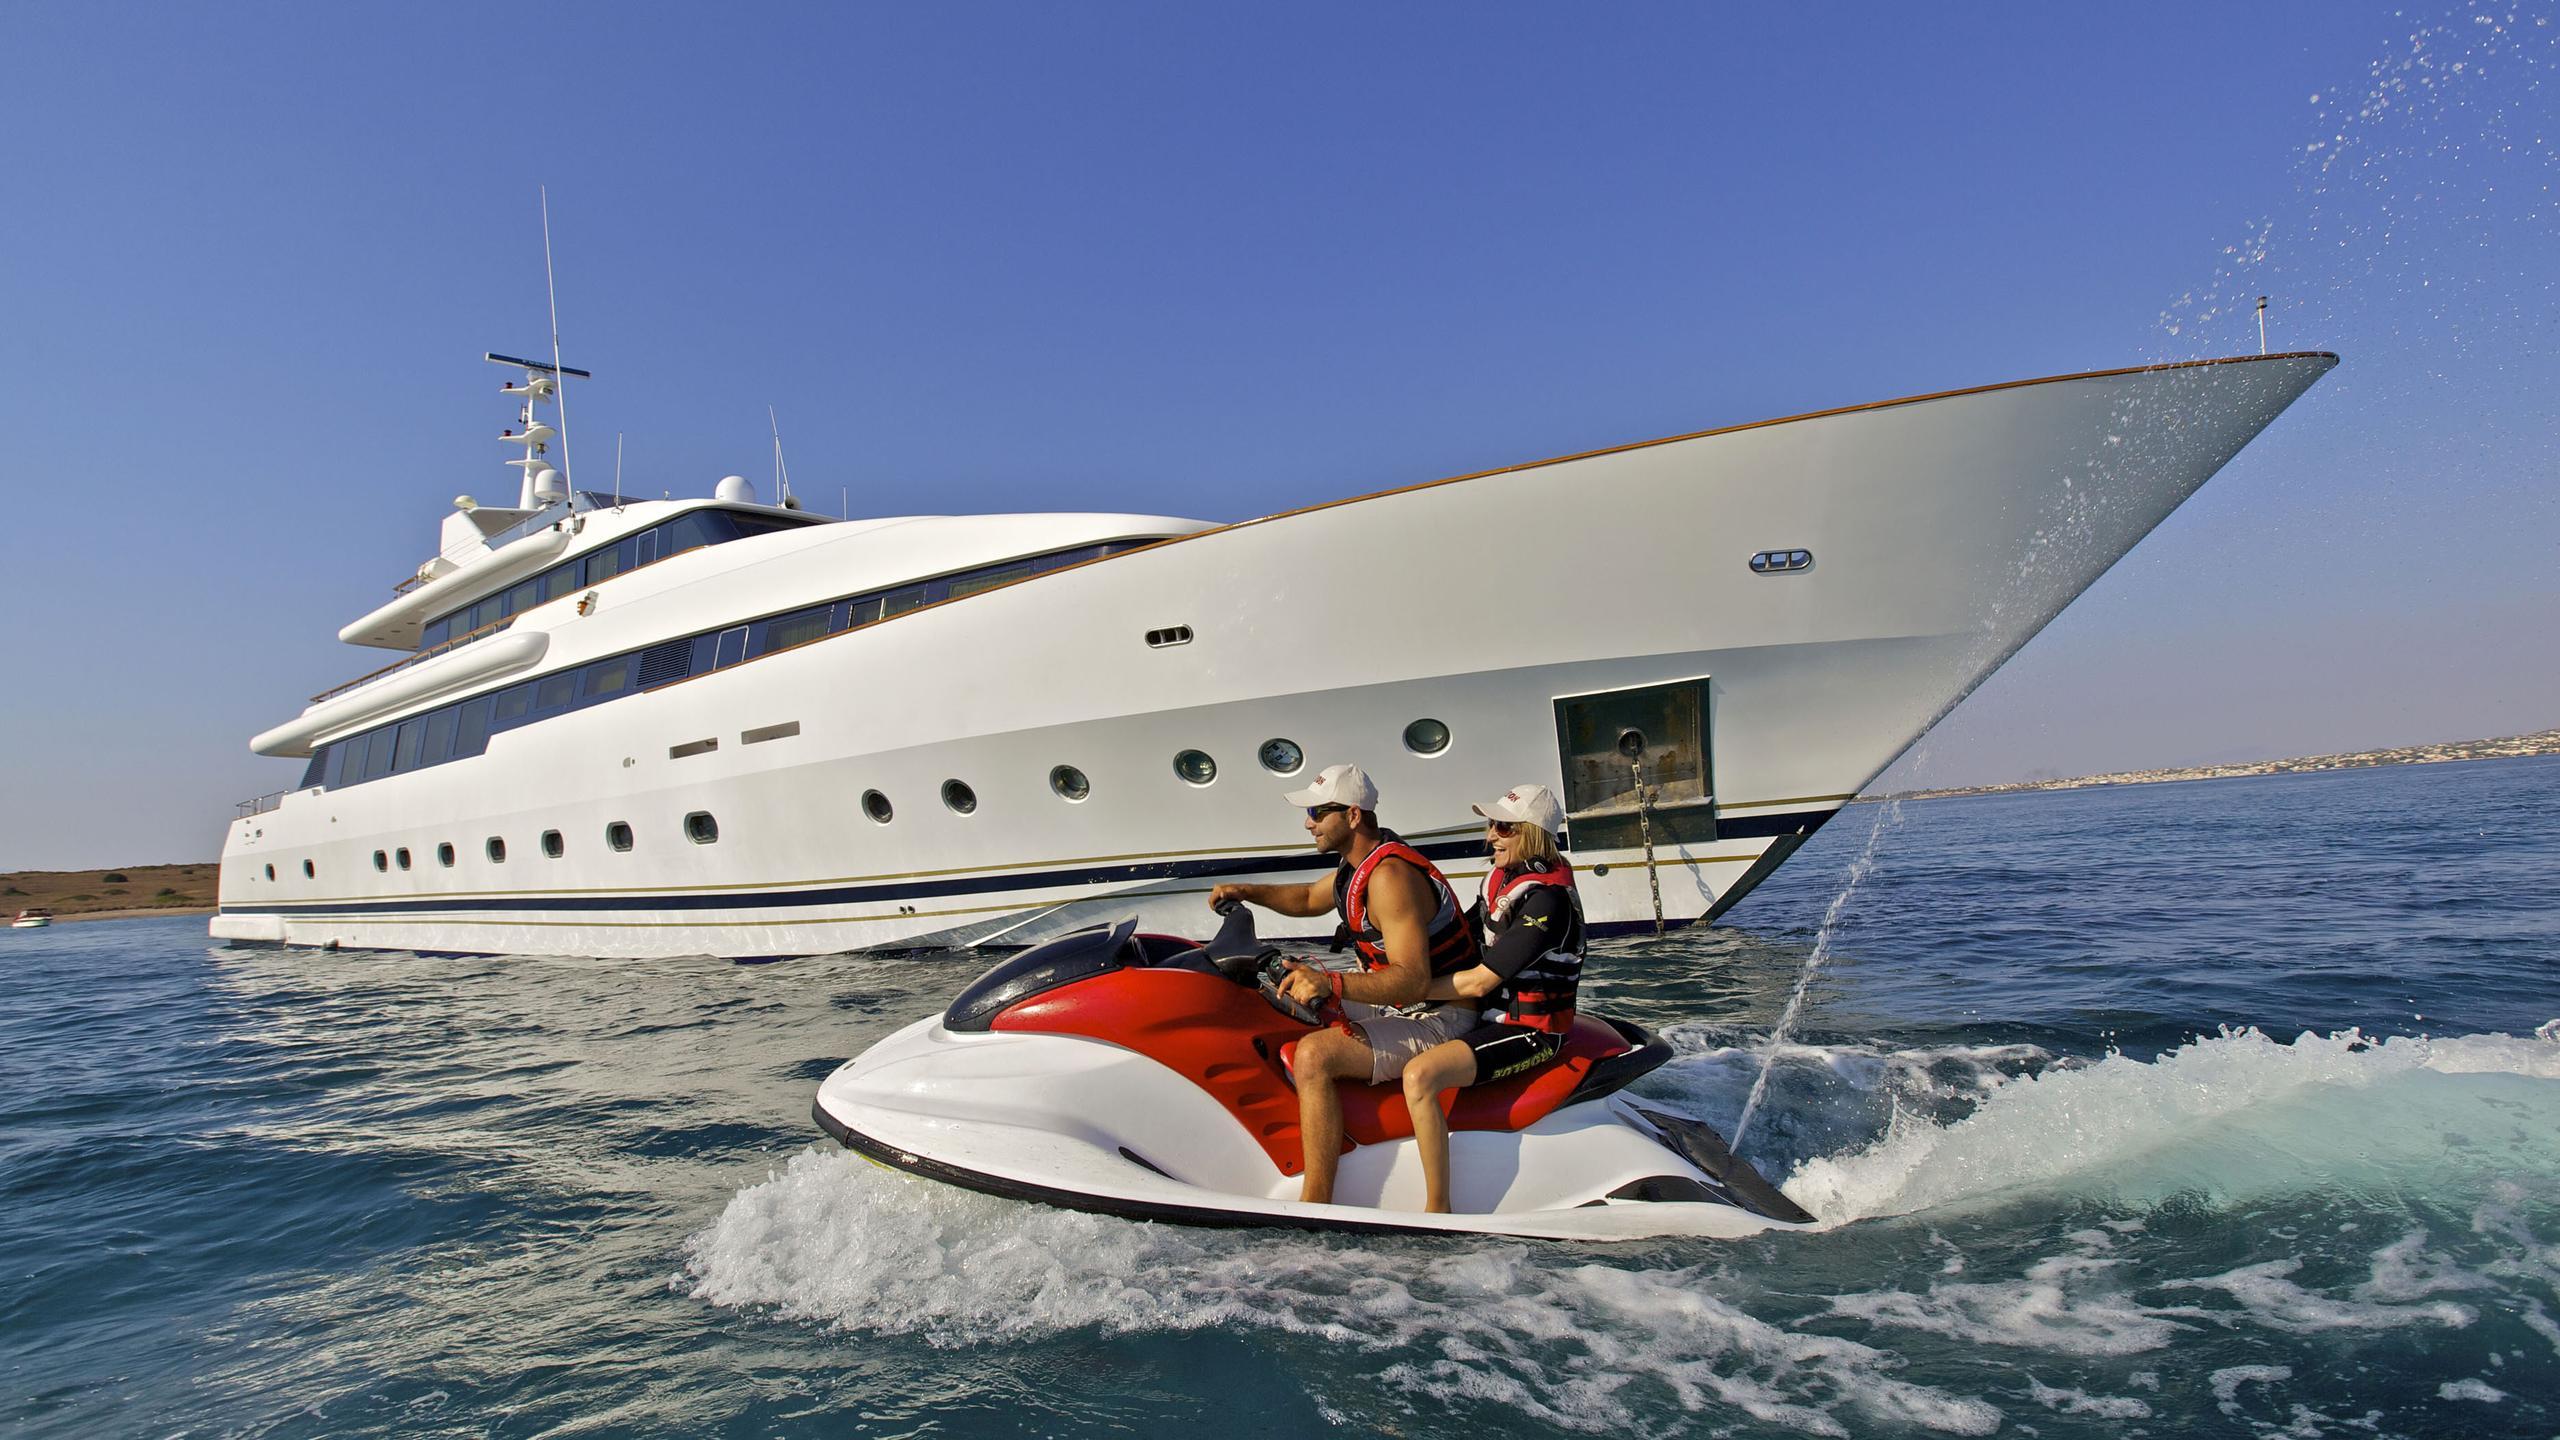 orion-yacht-jetski